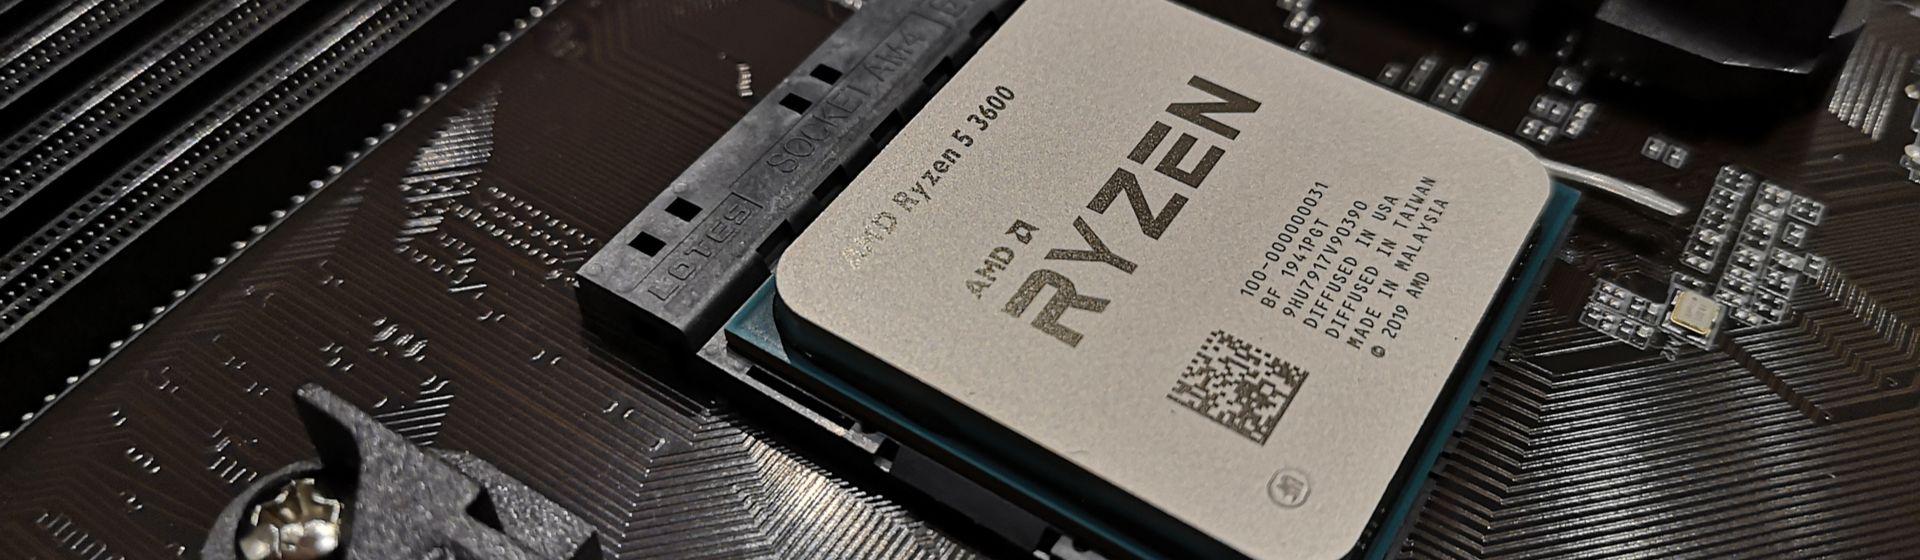 Intel Core i5 10400F vs AMD Ryzen 5 3600: saiba o melhor processador